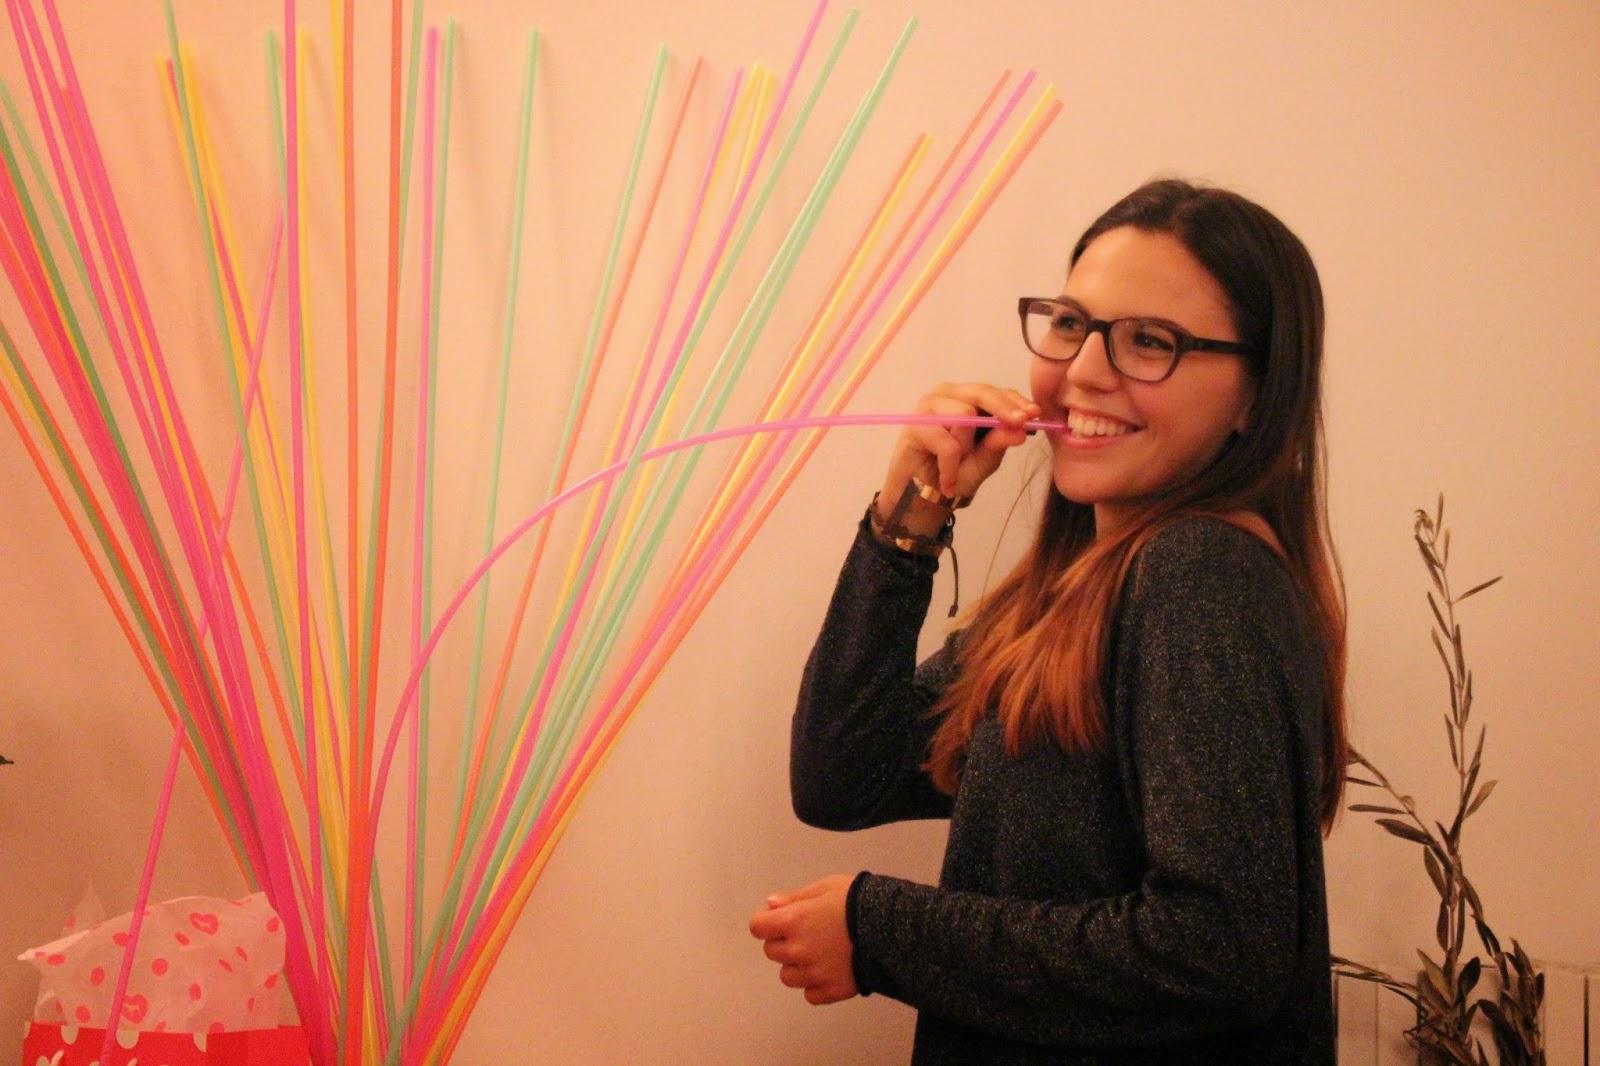 Giant Neon Straws